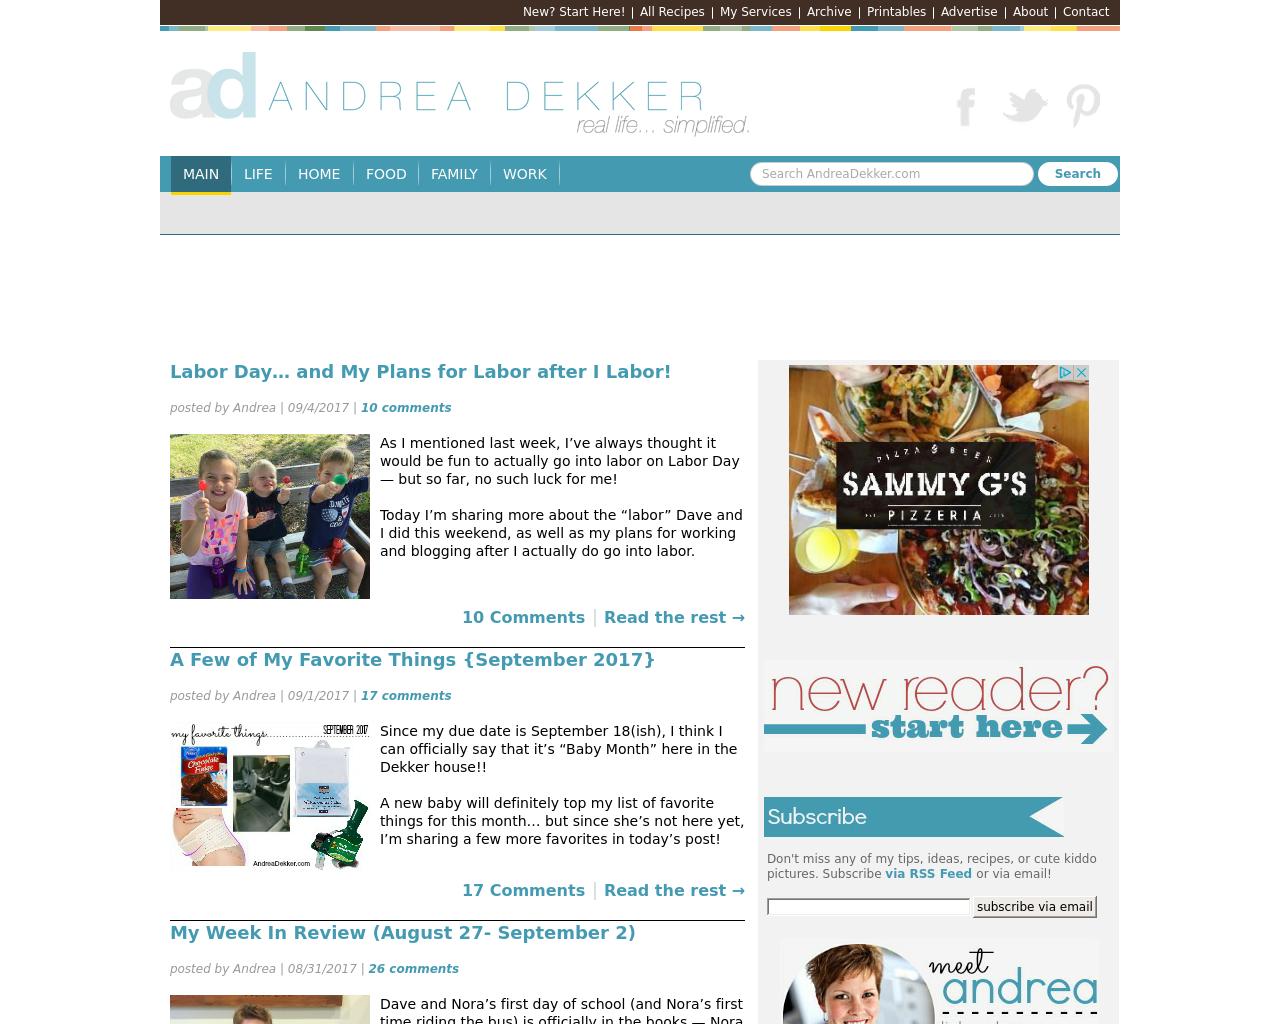 Andrea-Dekker-Advertising-Reviews-Pricing